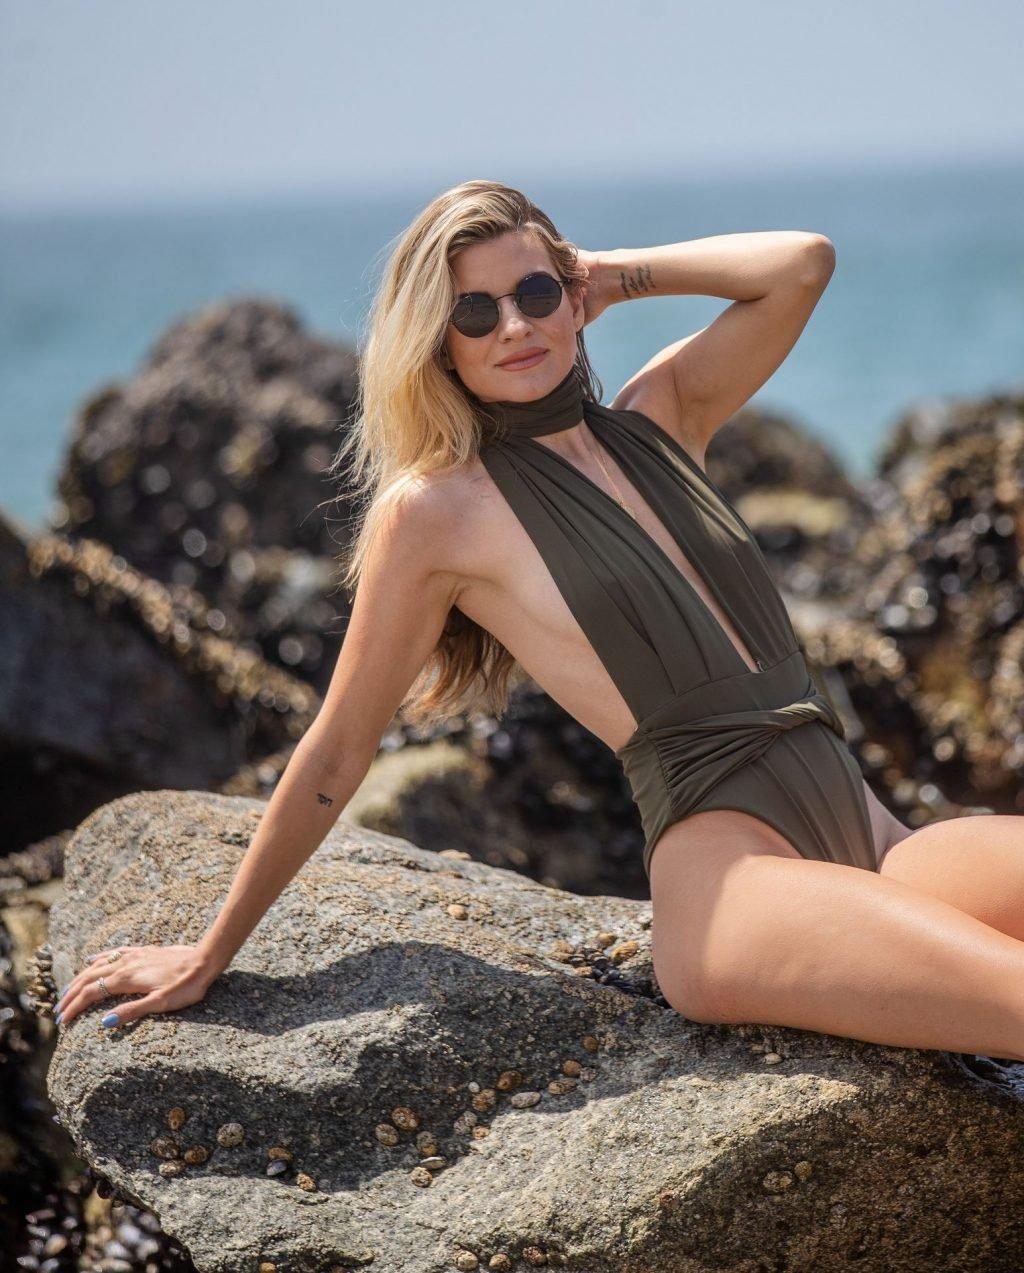 Rachel McCord See Through & Sexy (31 Photos)